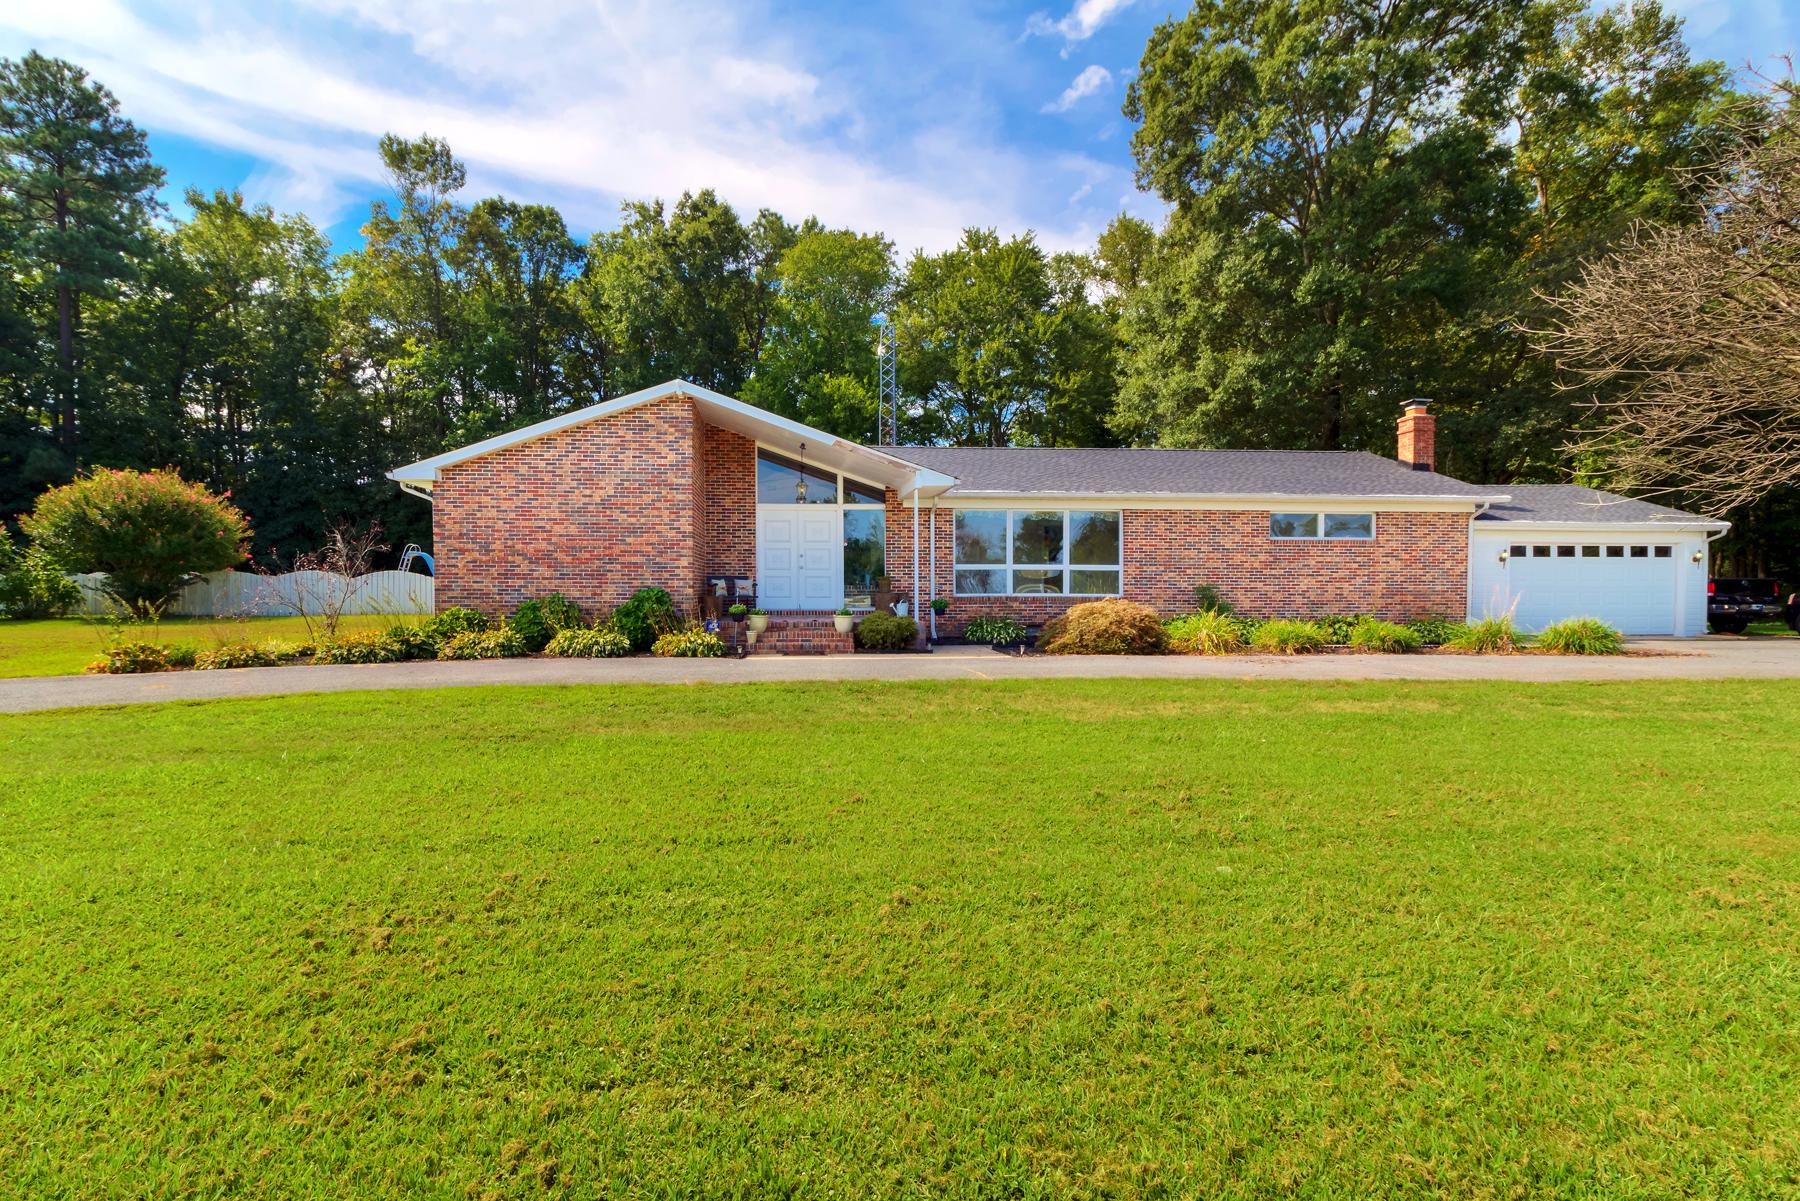 Maison unifamiliale pour l Vente à 18132 Laurel Road , Laurel, DE 19956 18132 Laurel Road Laurel, Delaware 19956 États-Unis